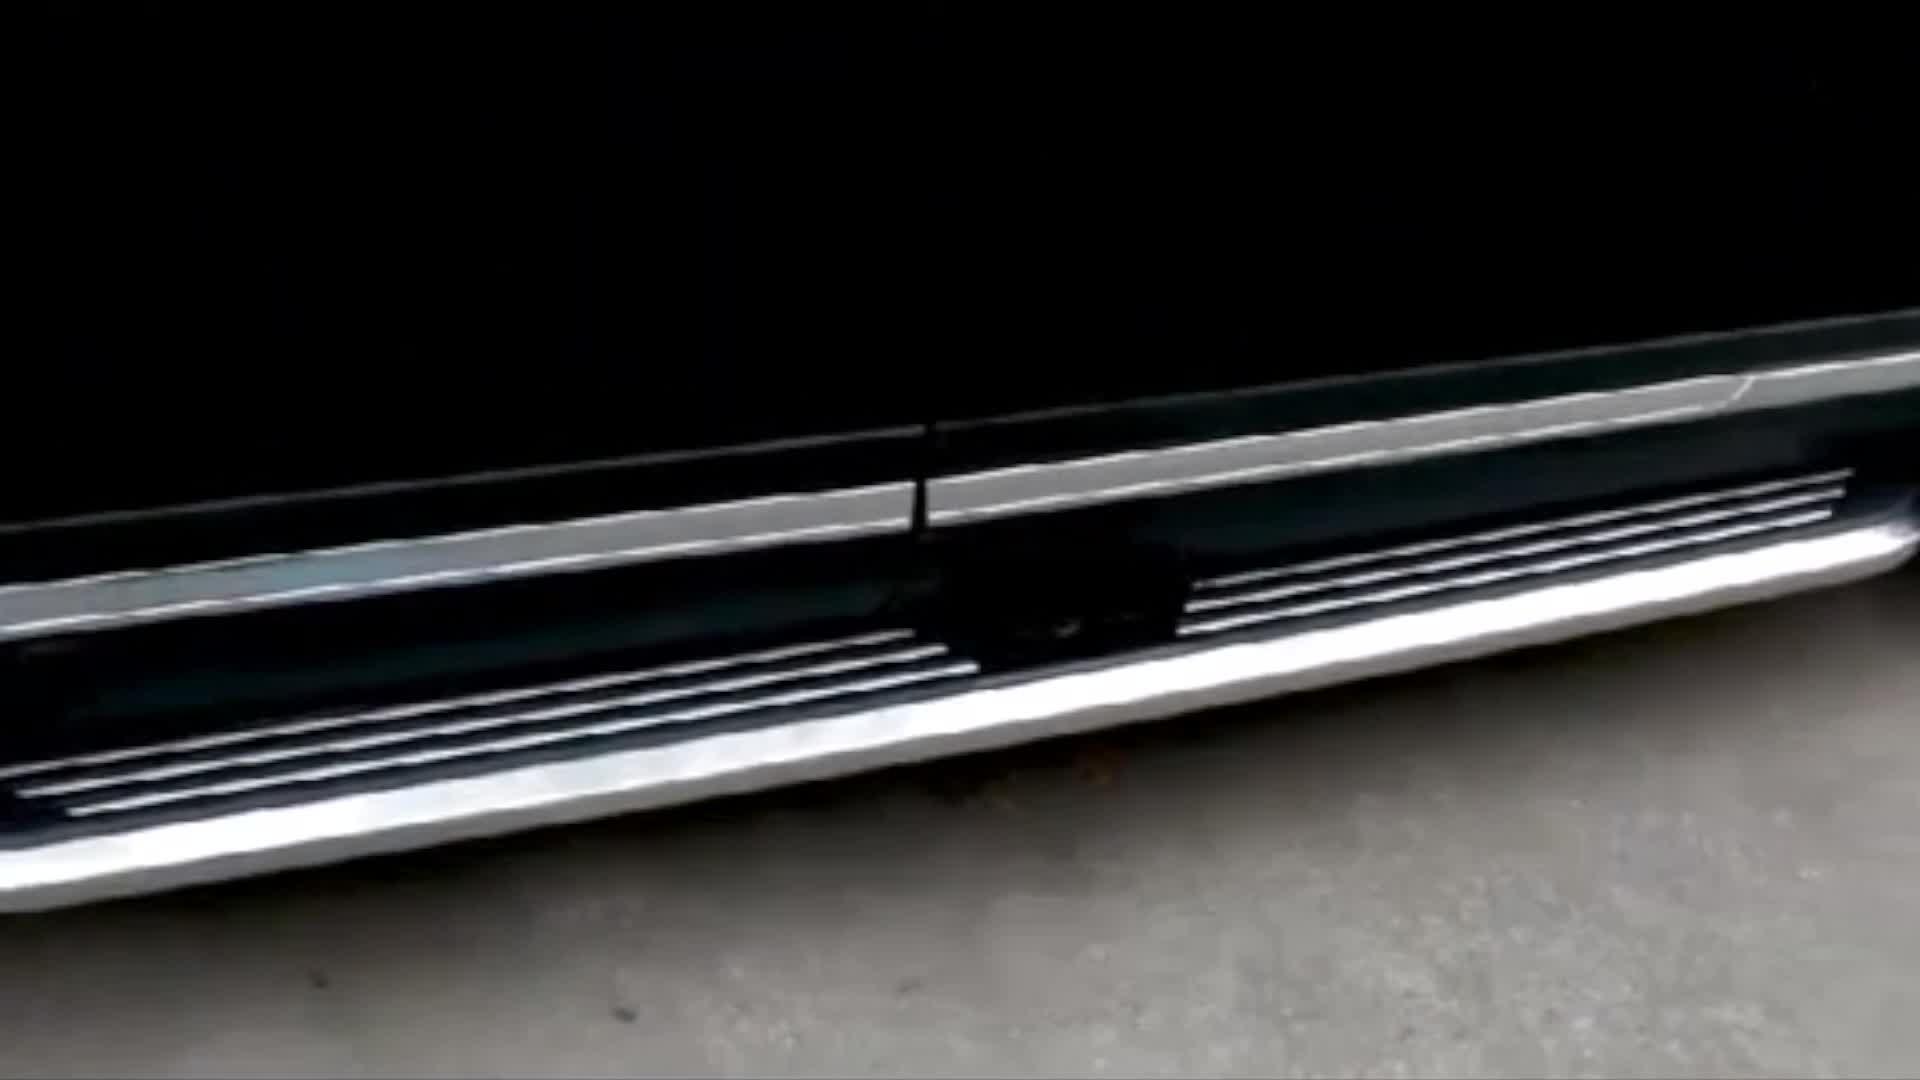 SUV รถวิ่งบอร์ดอลูมิเนียมและพลาสติก ABS ด้านข้างสำหรับ FORD 2013 explorer